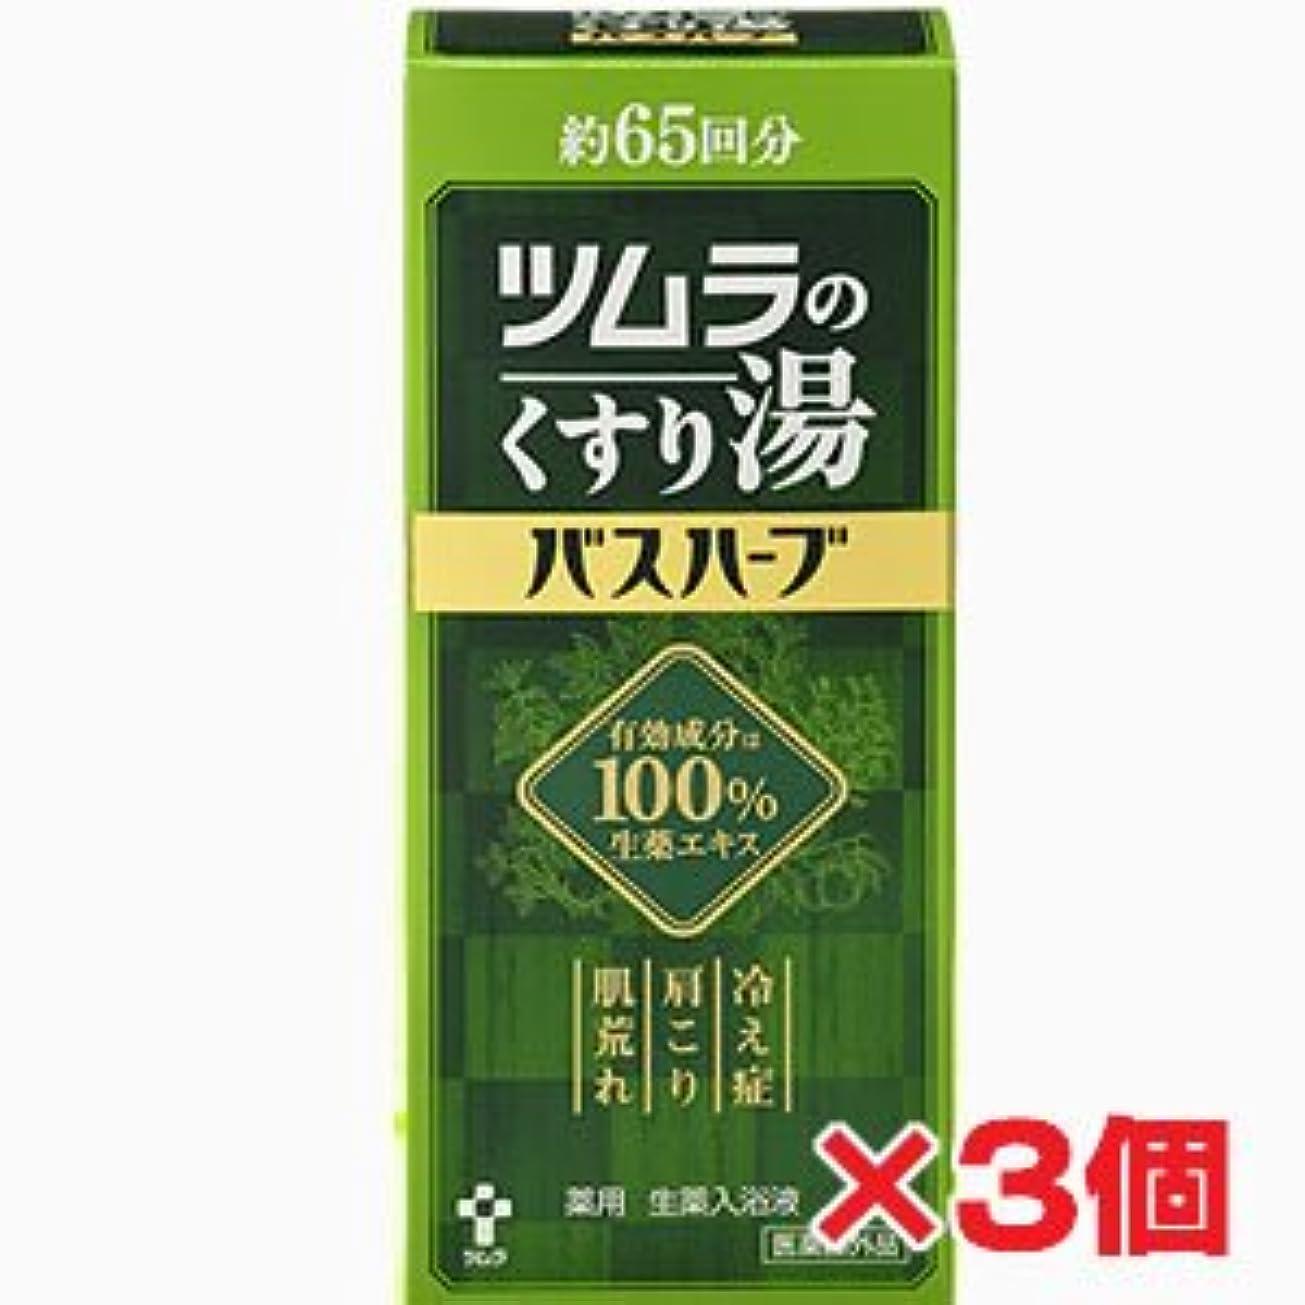 にんじん協定日常的に【3本】ツムラのくすり湯 バスハーブ 650ml×3本